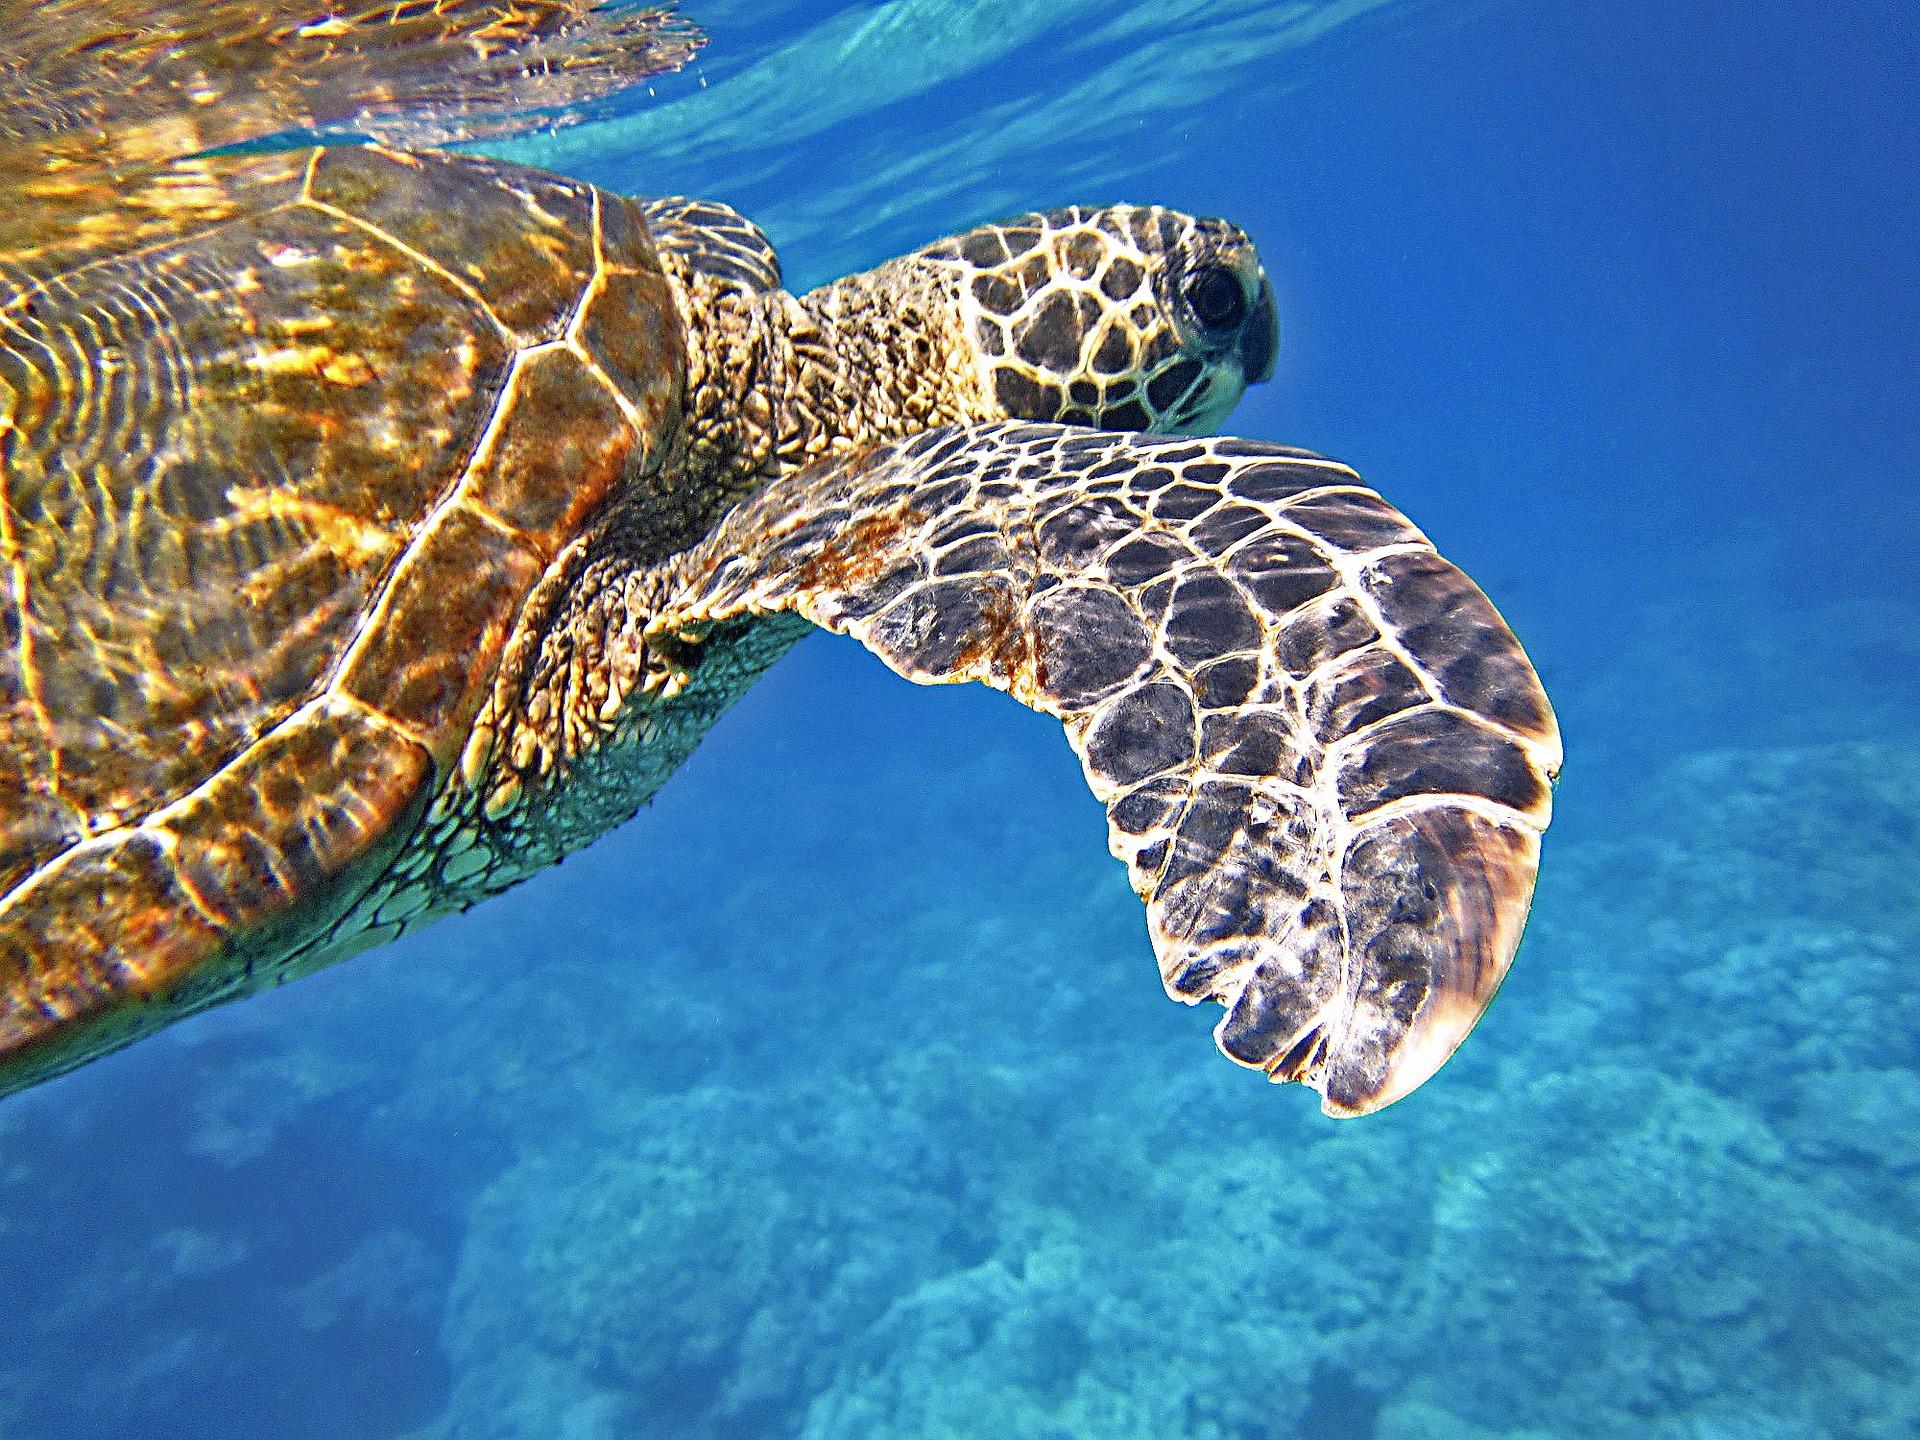 sea-turtle-547163_1920.jpg